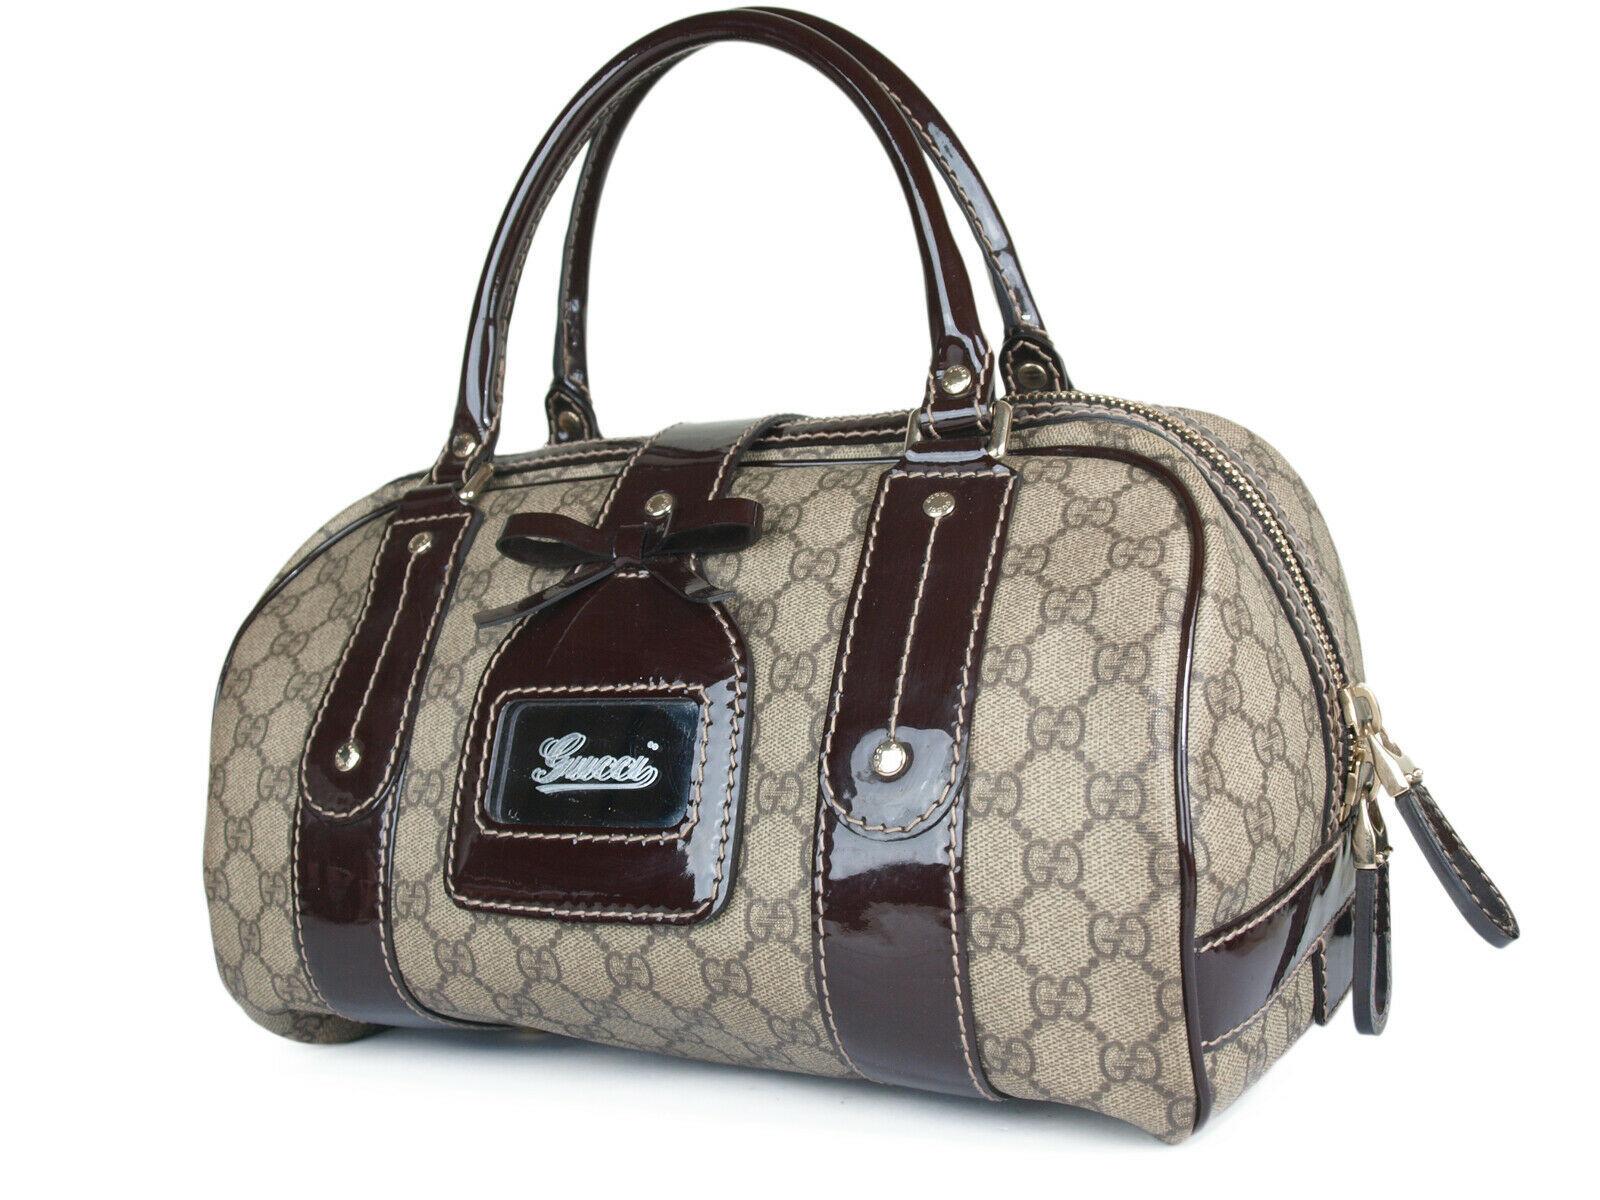 GUCCI GG Web PVC Canvas Patent Leather Browns Shoulder Bag GS2242